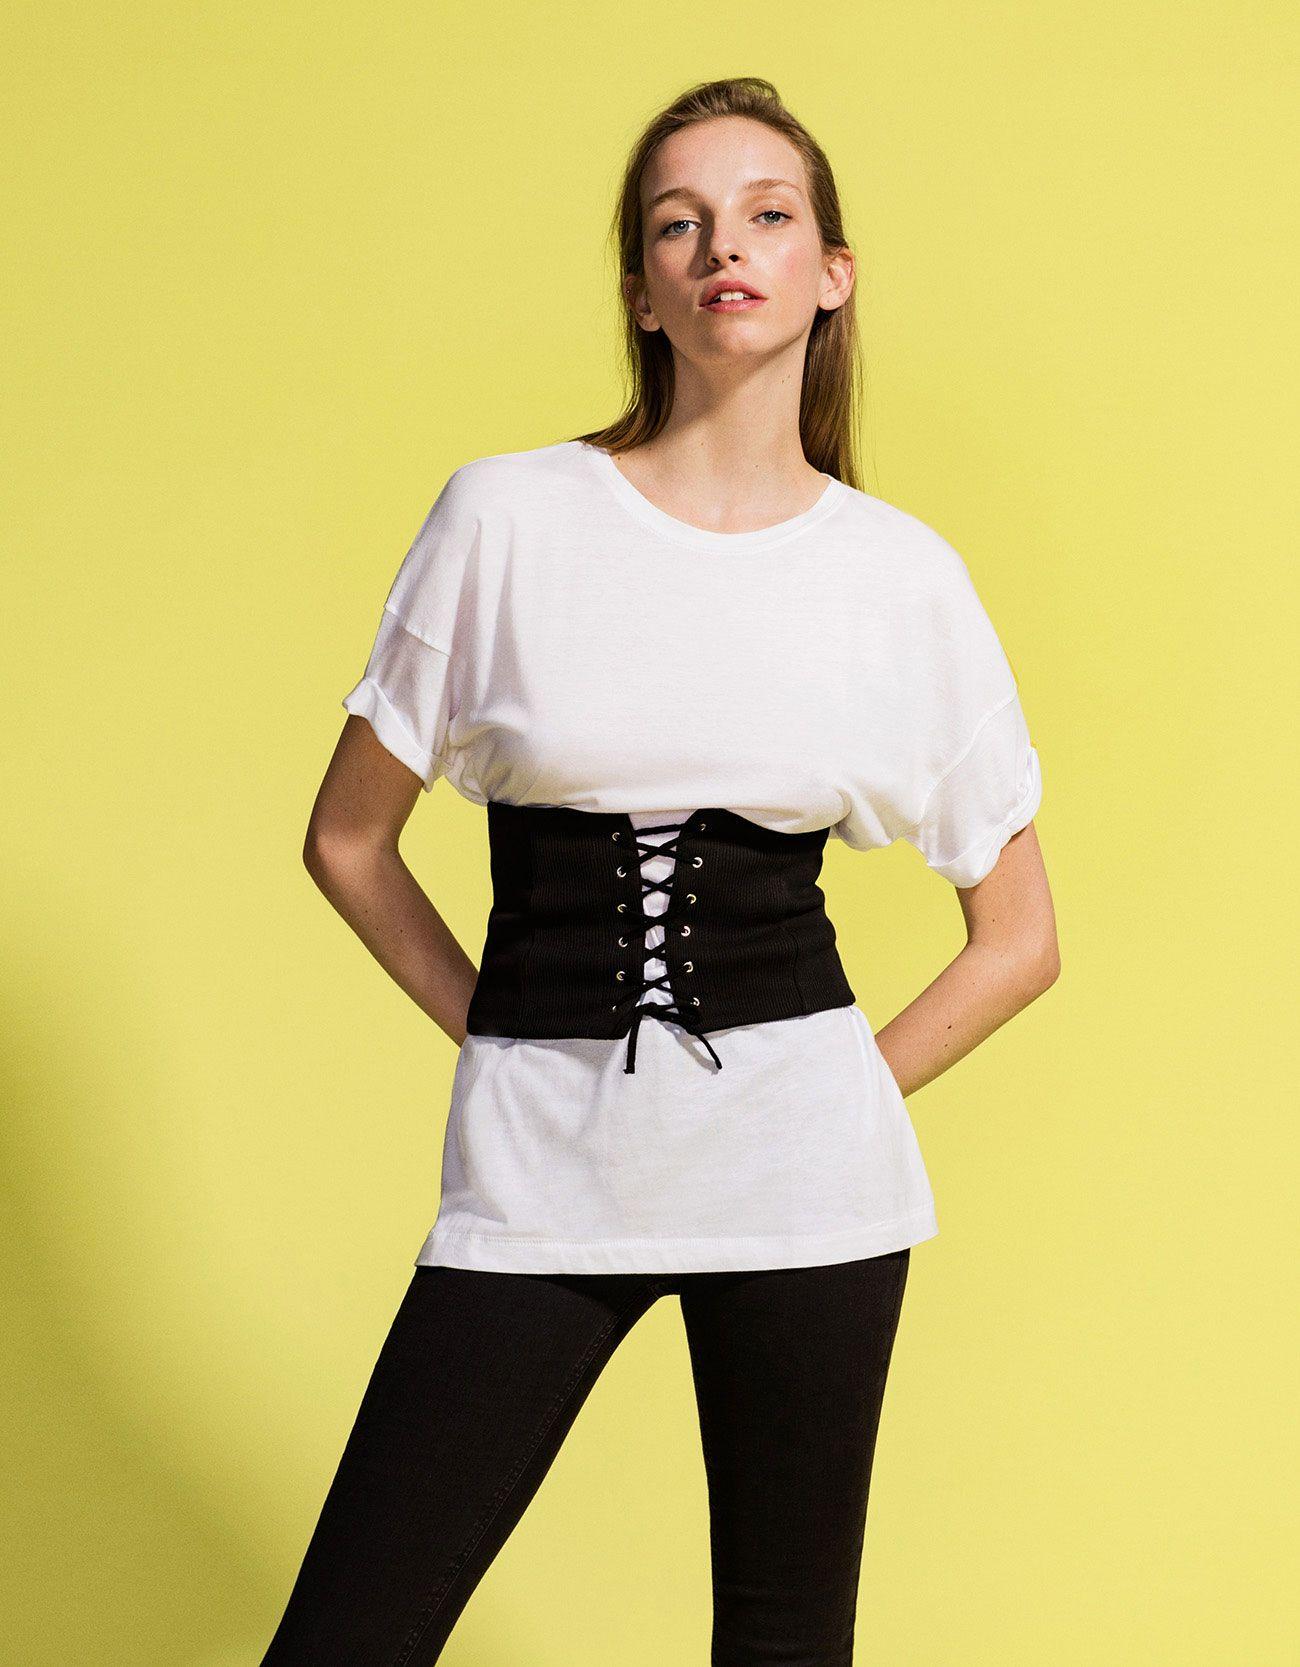 f5c6fa58b7d Corset canalé. Descubre ésta y muchas otras prendas en Bershka con nuevos  productos cada semana